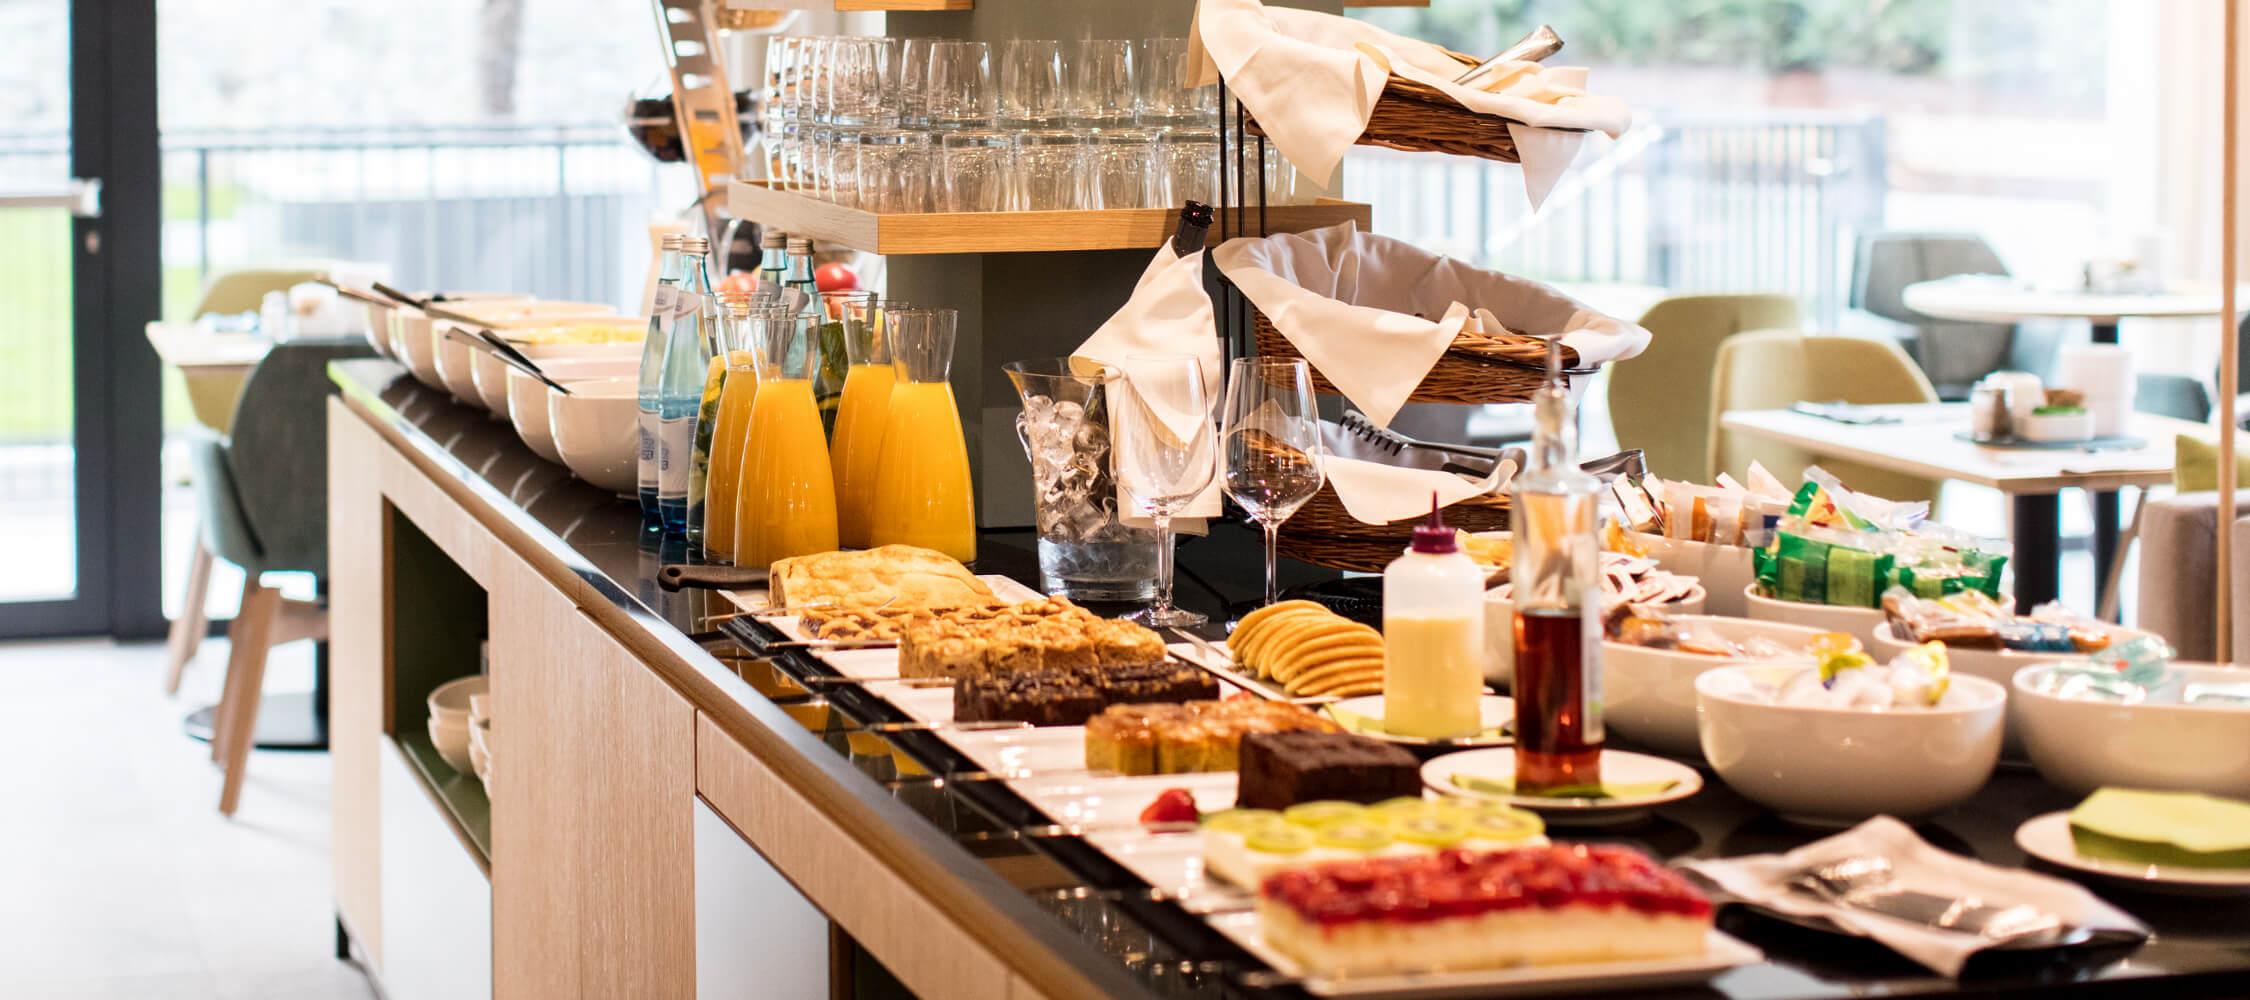 Hotel Flora, Hotel 3 stelle, prima colazione a buffet, Merano, vicino al centro storico, terrazza presso la piscina, caffè a piacere